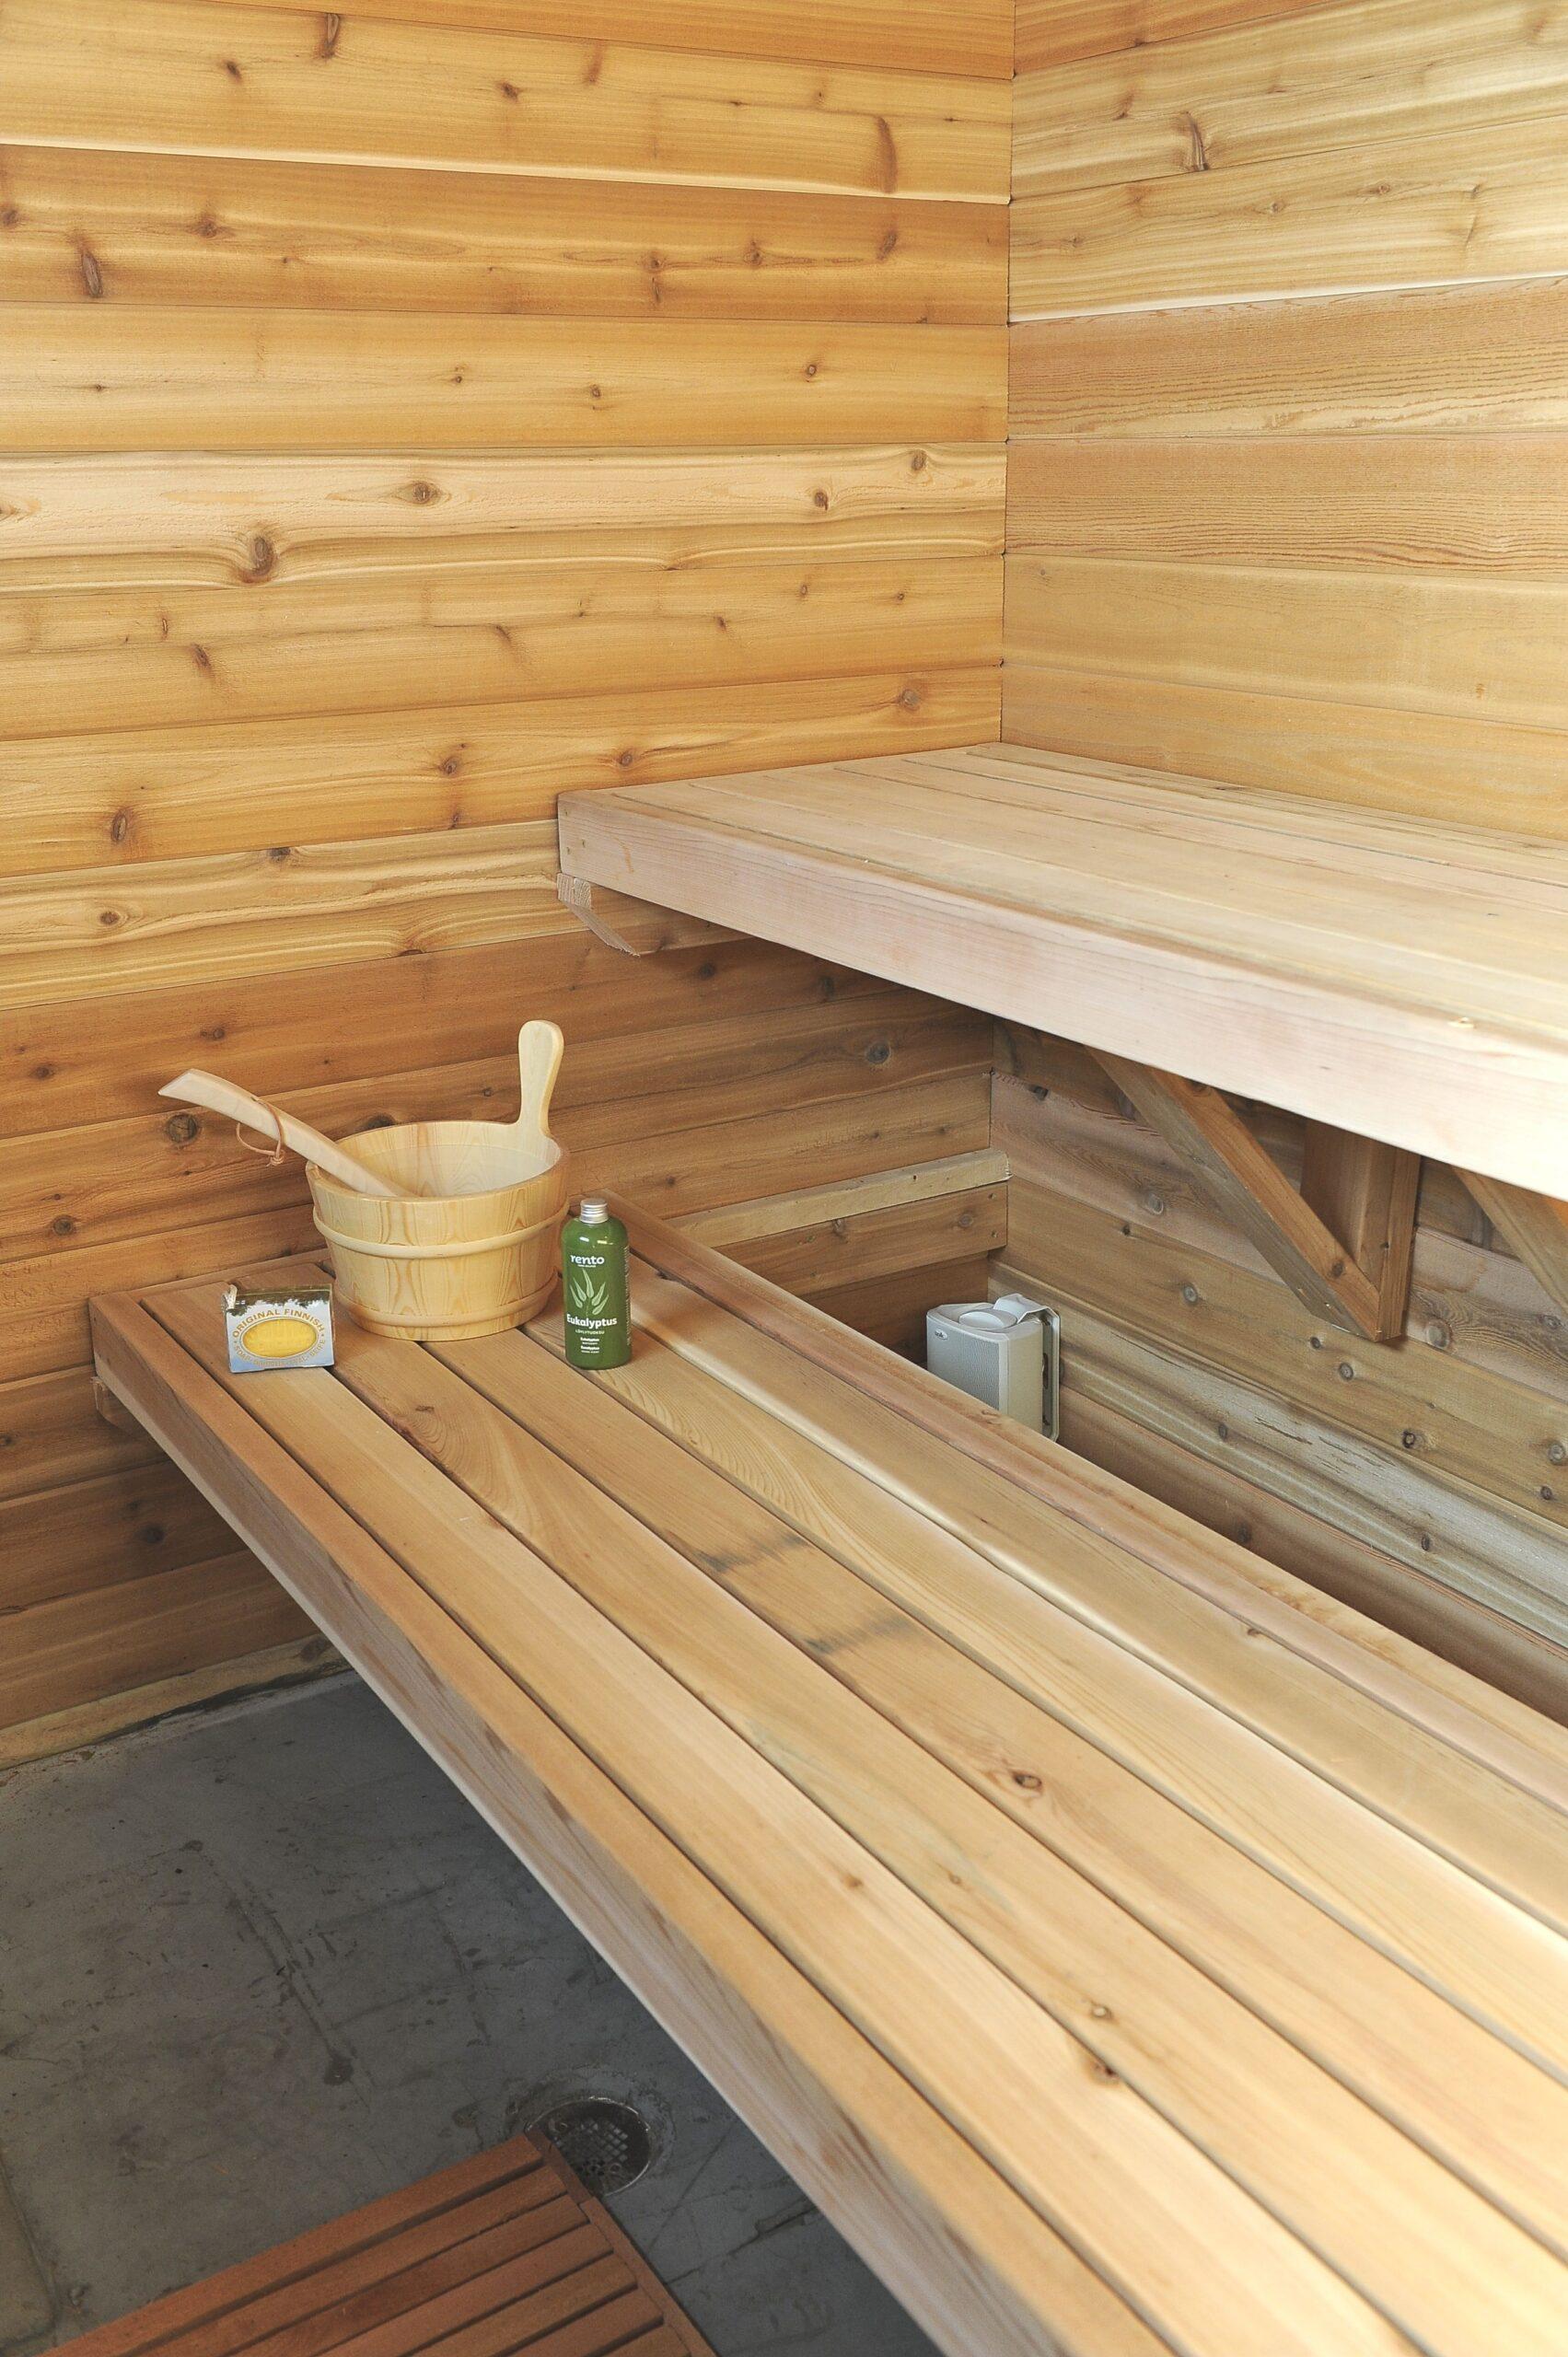 Full Size of Außensauna Wandaufbau 78 Besten Bilder Von Sauna Konstruktion Wohnzimmer Außensauna Wandaufbau